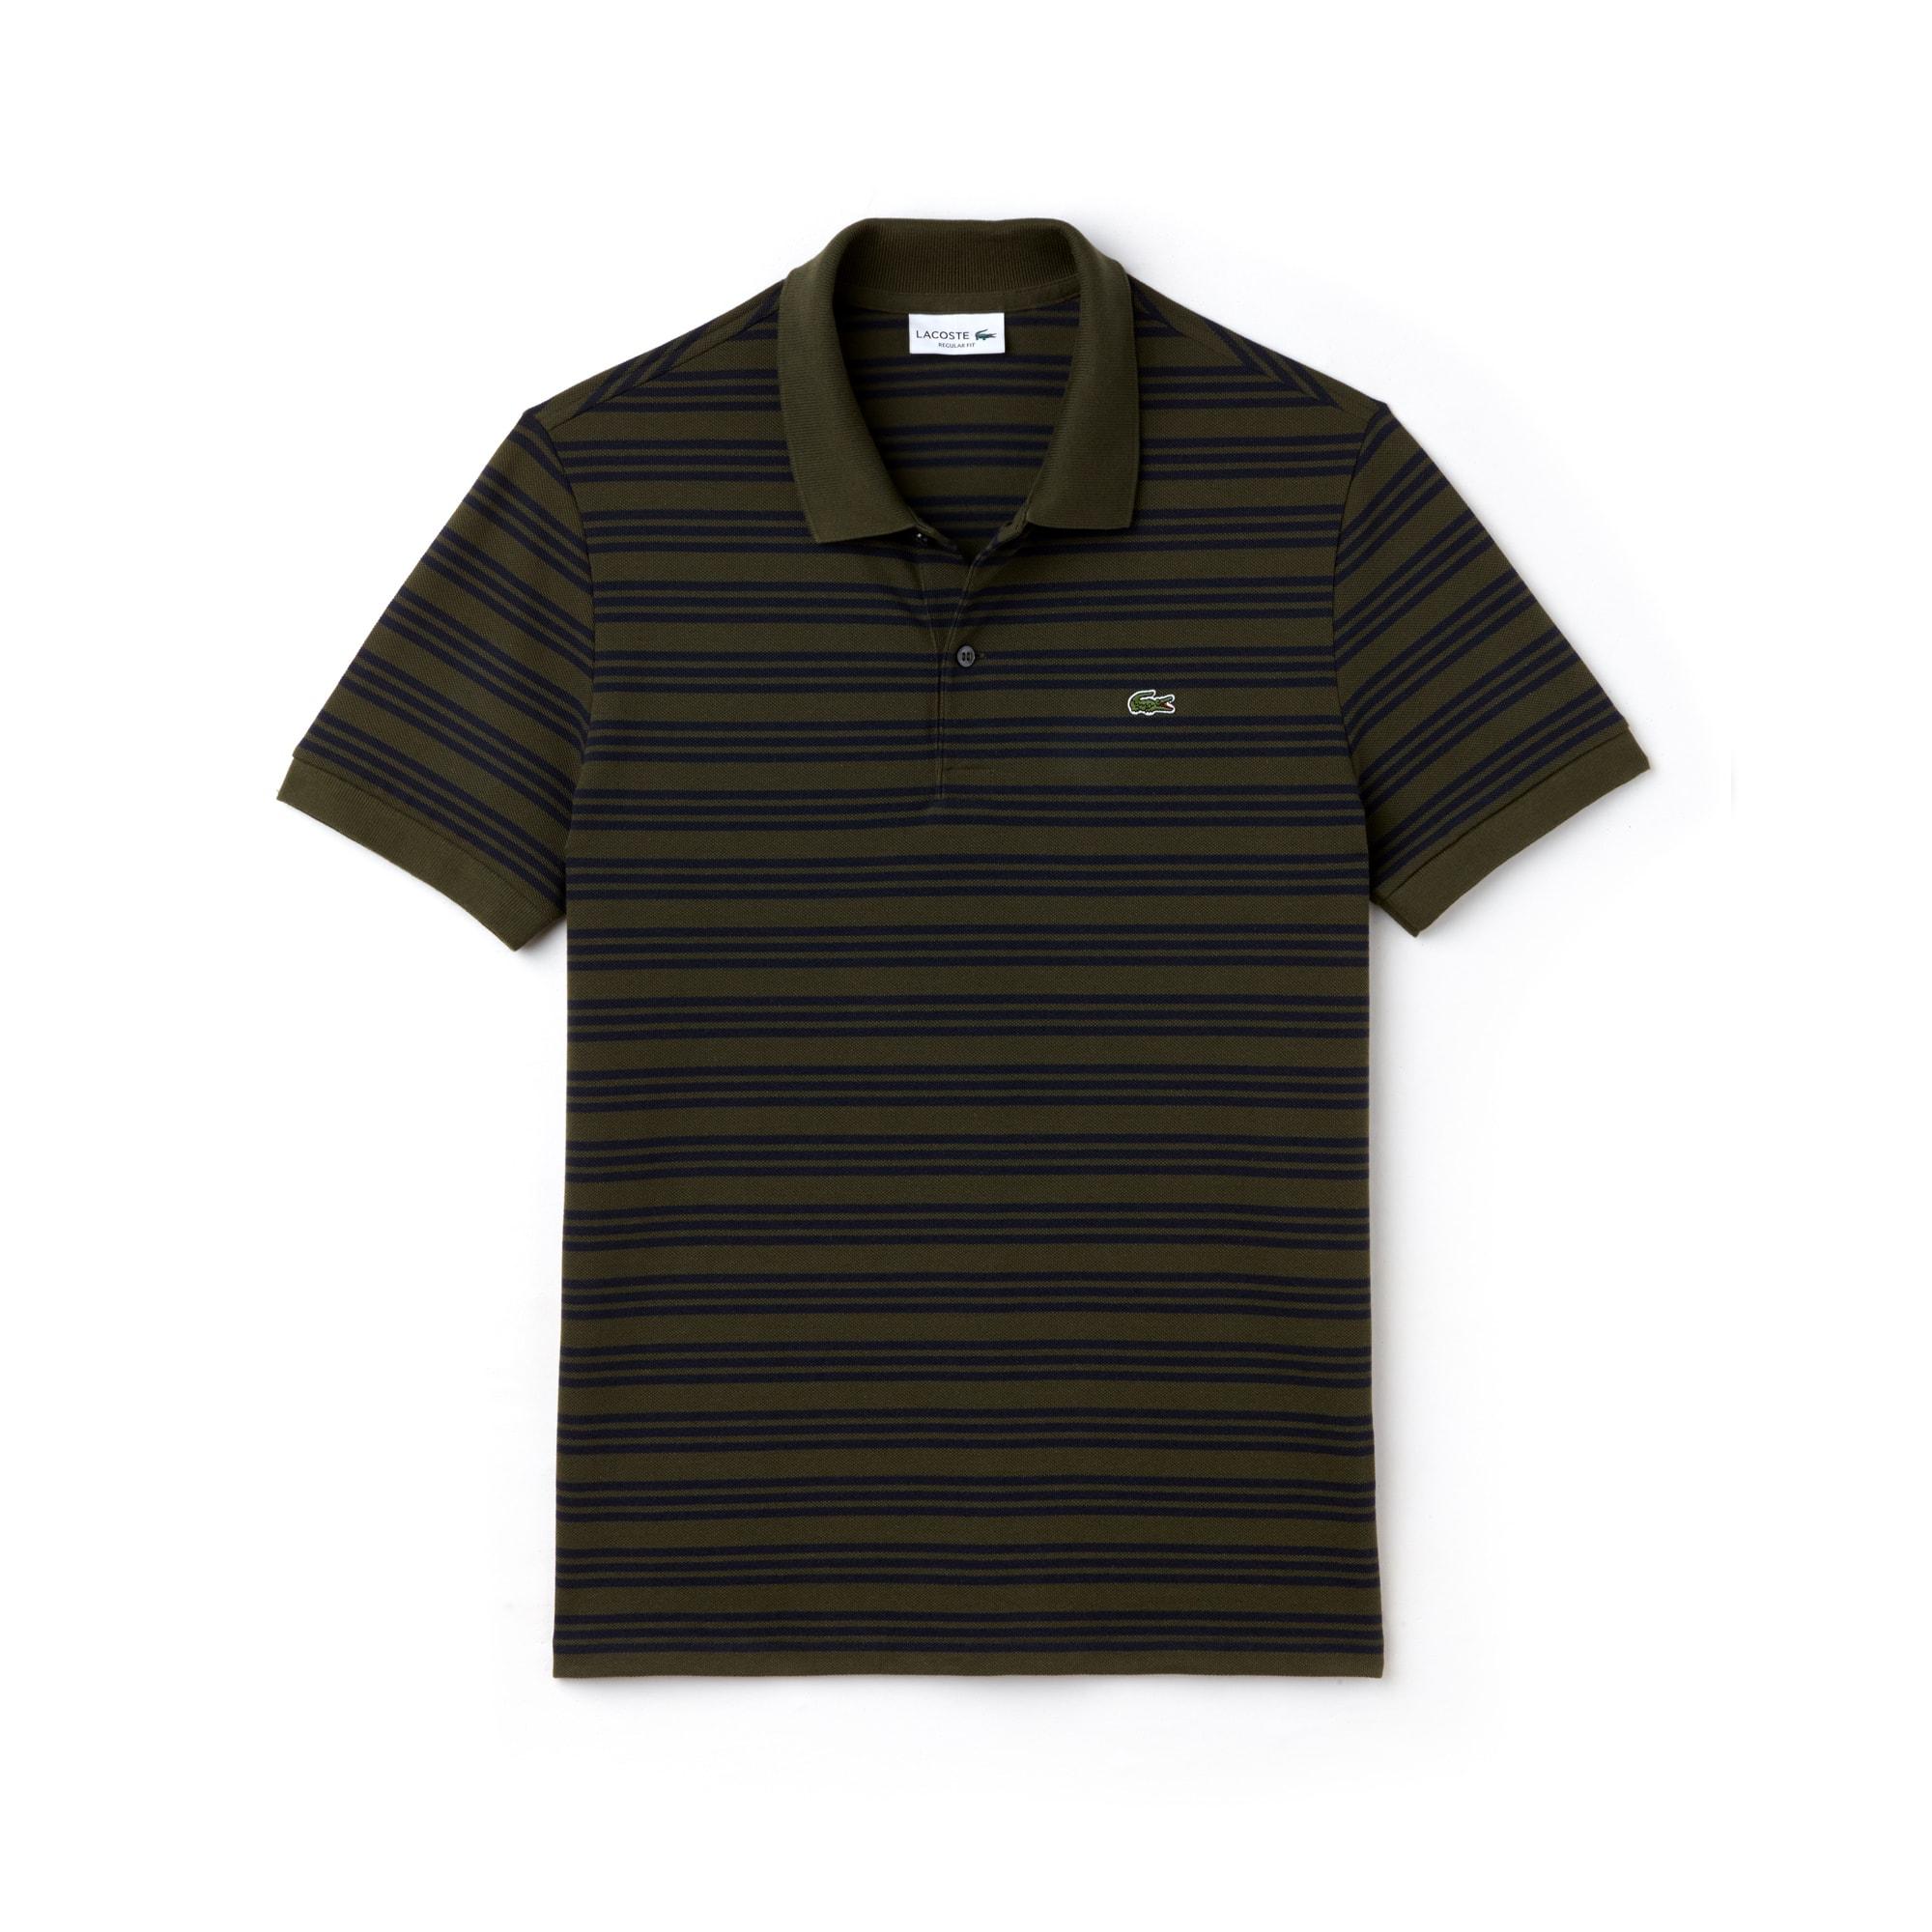 26089566 Men's Regular Fit Striped Cotton Petit Piqué Polo | LACOSTE